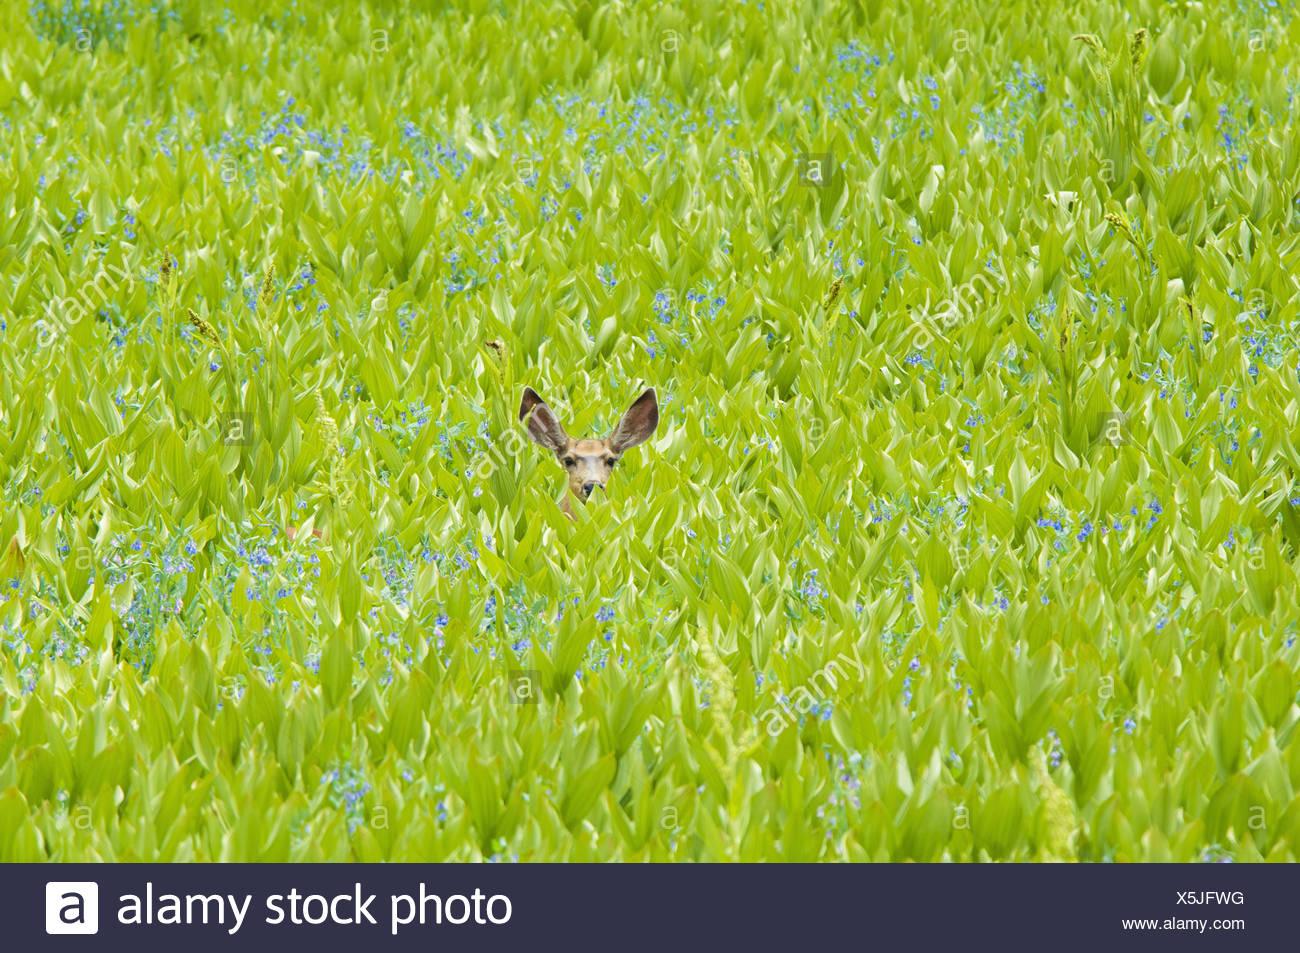 Un venado bura escondidos en un campo de flores silvestres y plantas falso hellebore orejas visibles Imagen De Stock